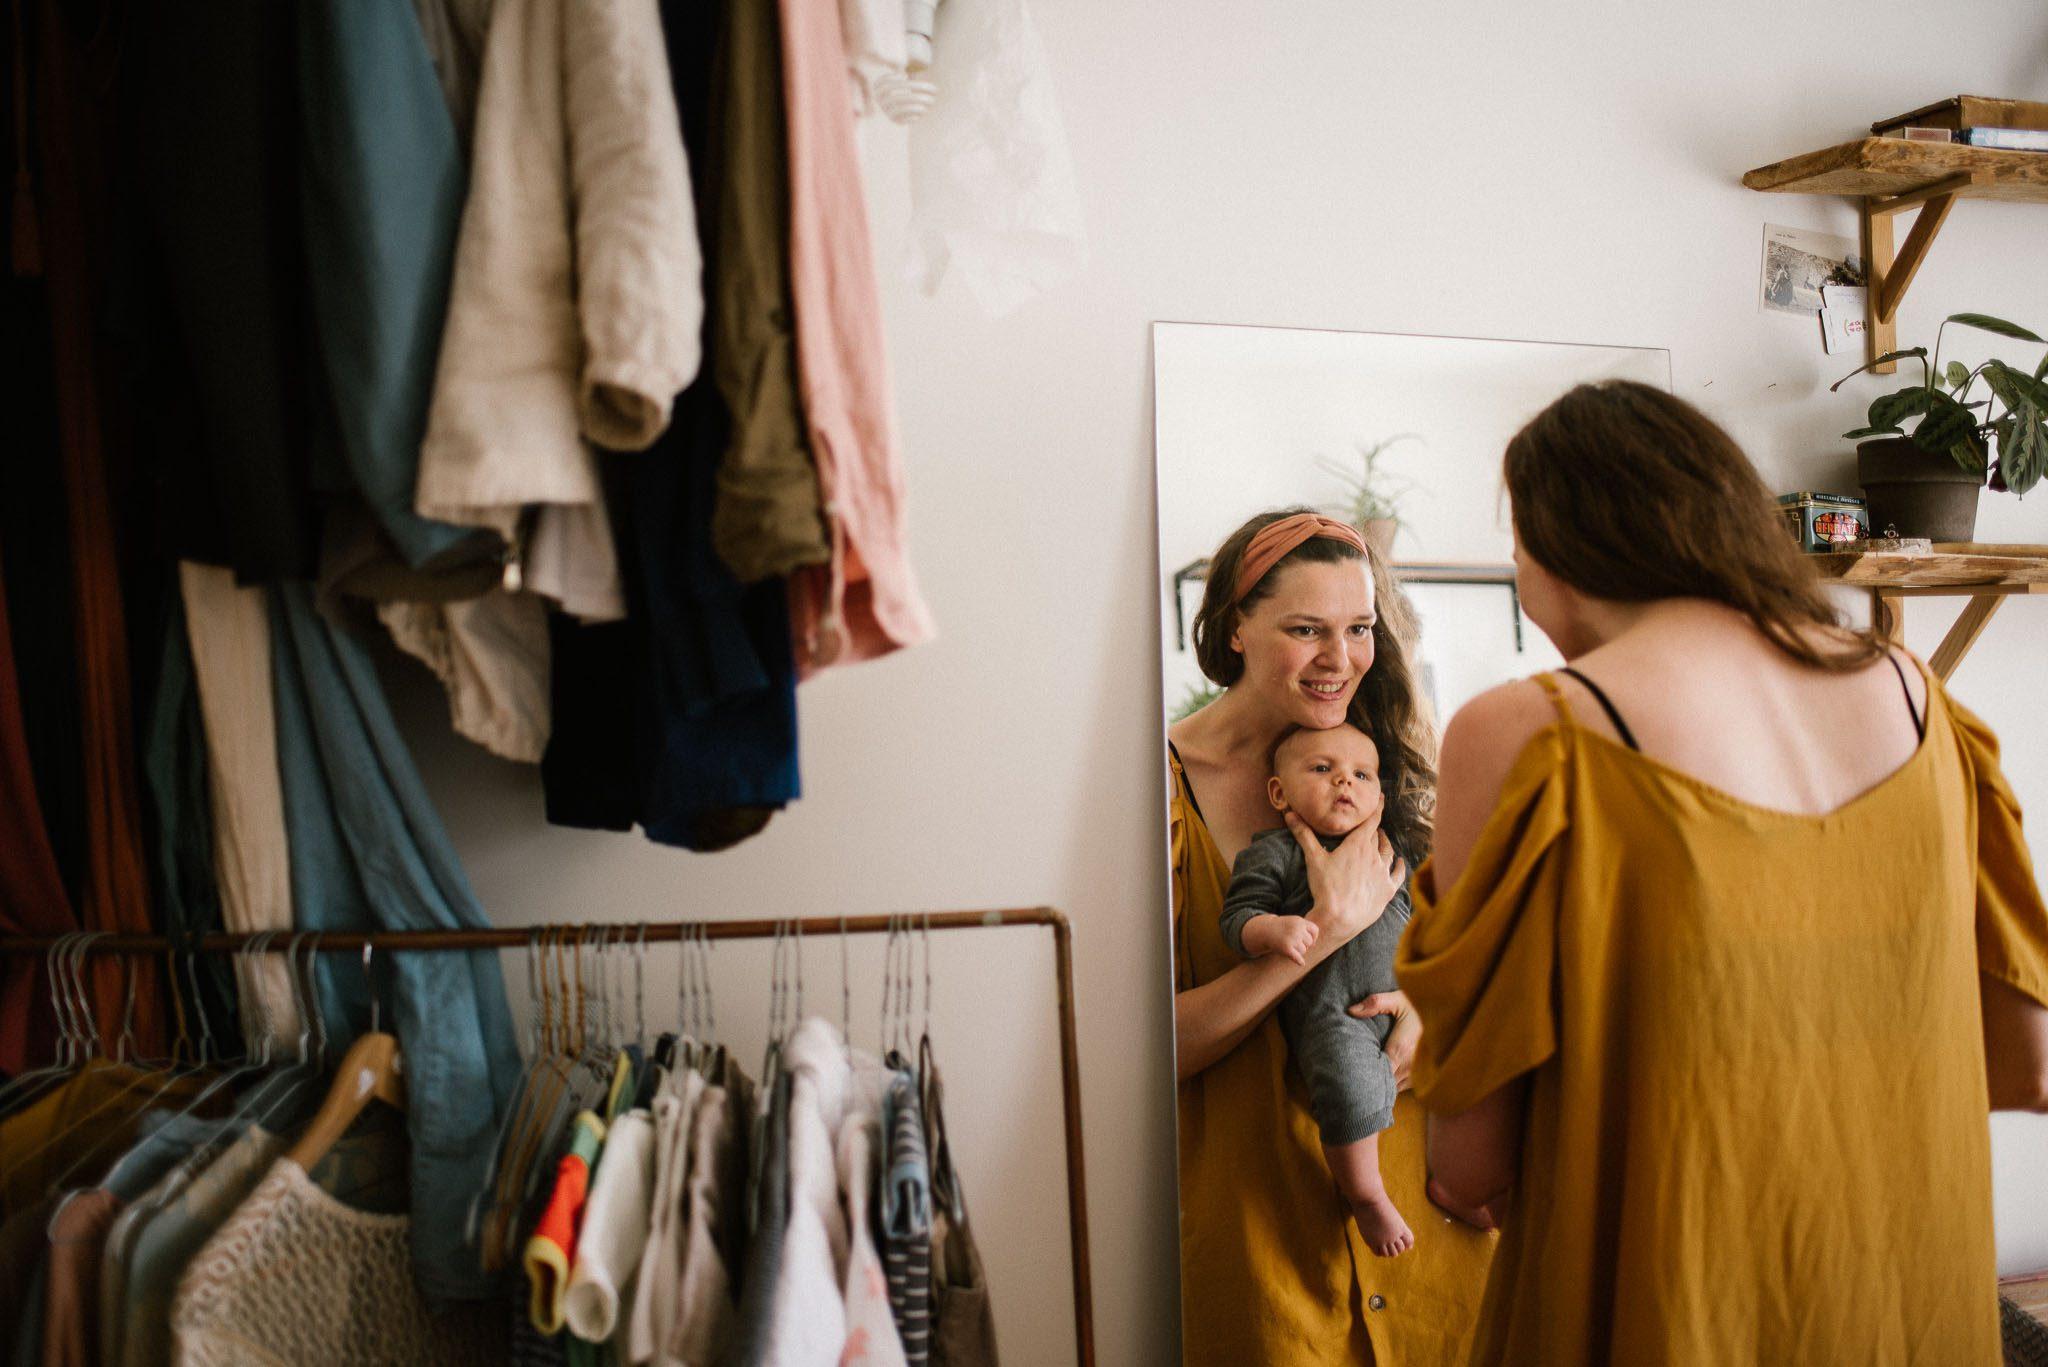 Mama i synek przeglądają się w lustrze - Sesja niemowlęca lifestyle w domu Poznań